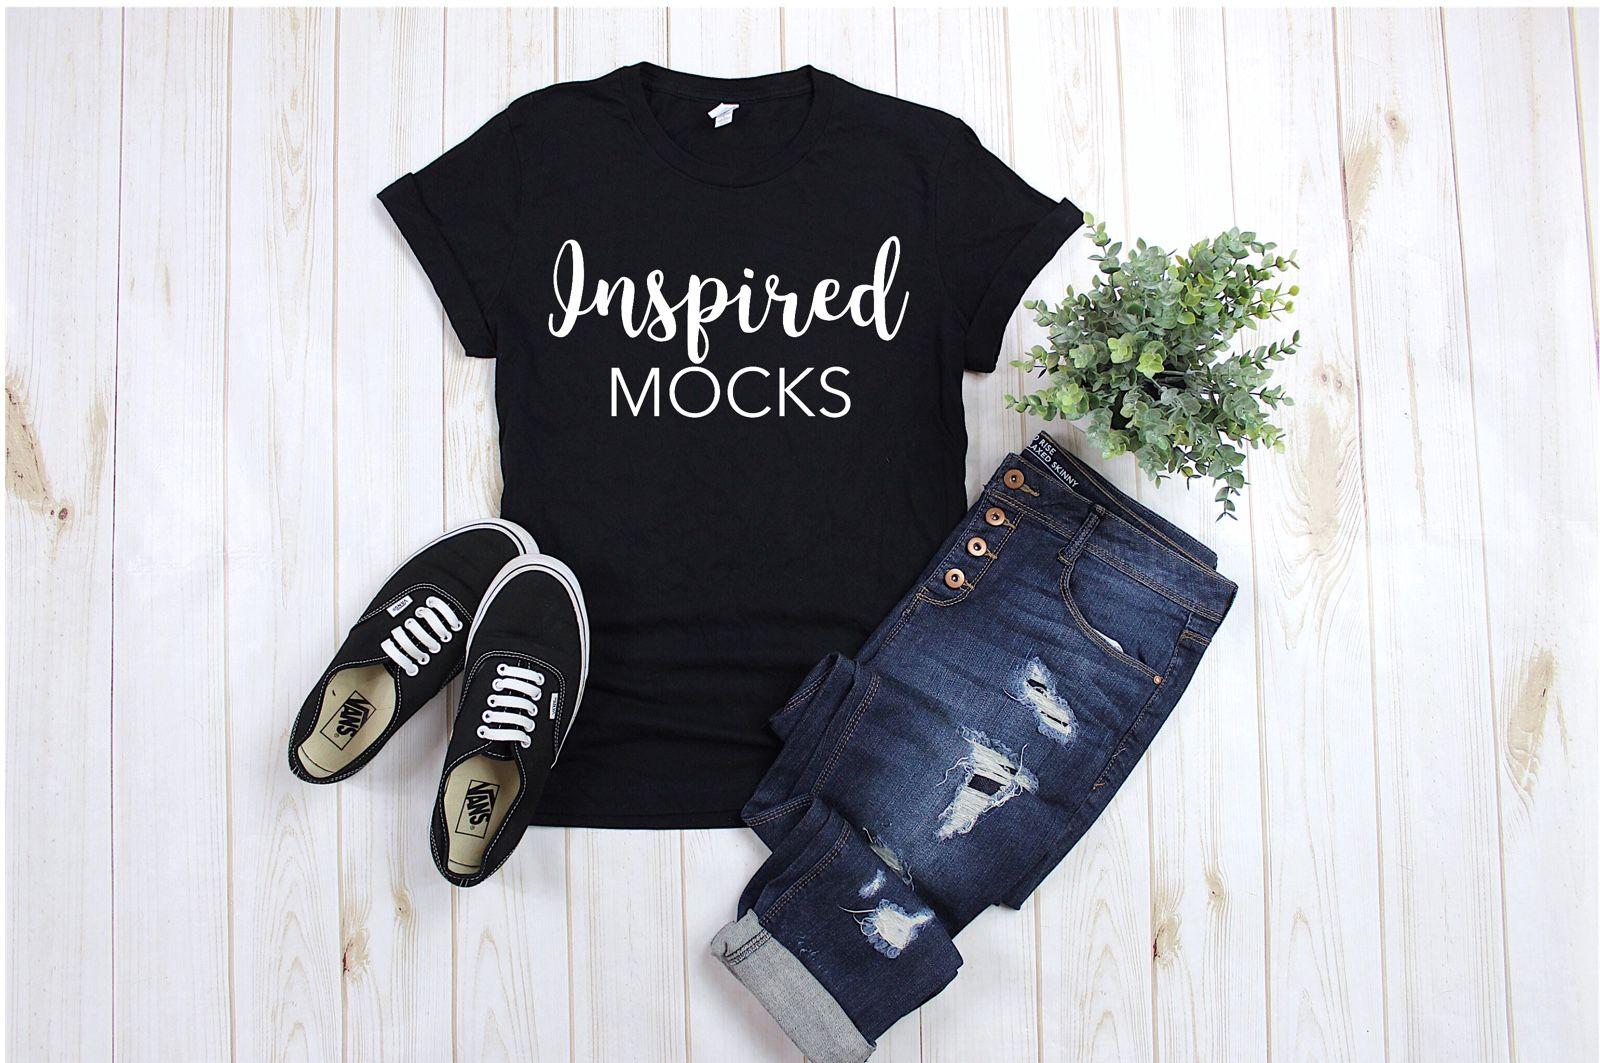 Download Bella Canvas 3001 Black Unisex T Shirt Mockup Shirt Mockup Flat Lay Mock Up Basic Mockup S Shakespeare Shirts Mom Shirts T Shirt Printer